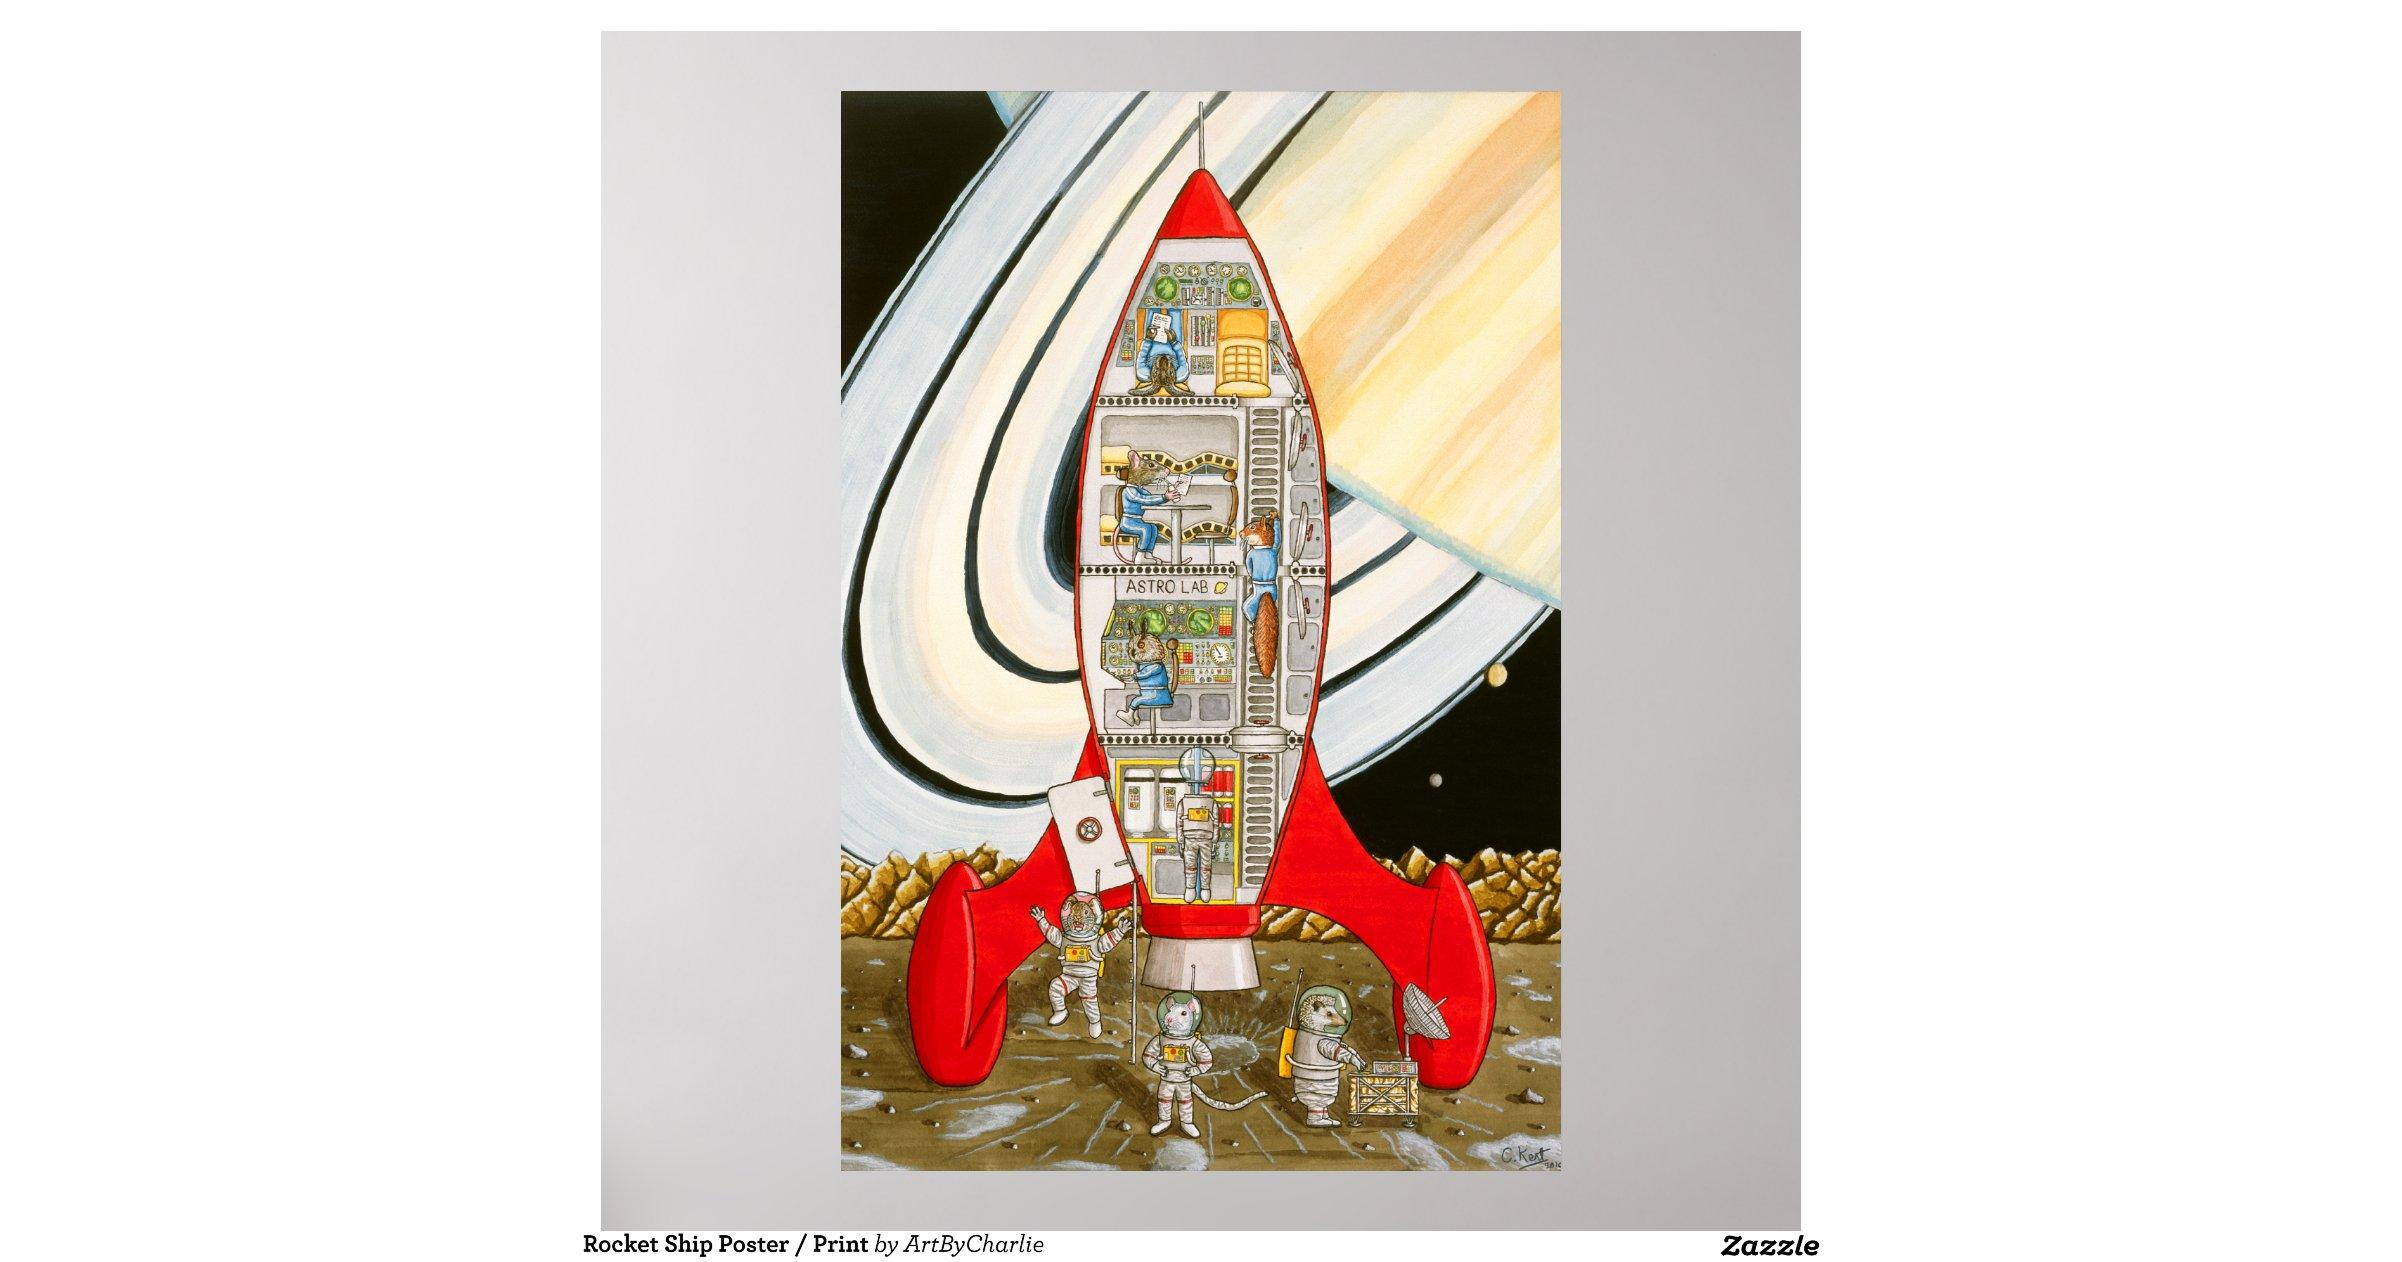 Rocket_ship_poster_print-r8c553afdde3c4d8eab67eee357a9c339